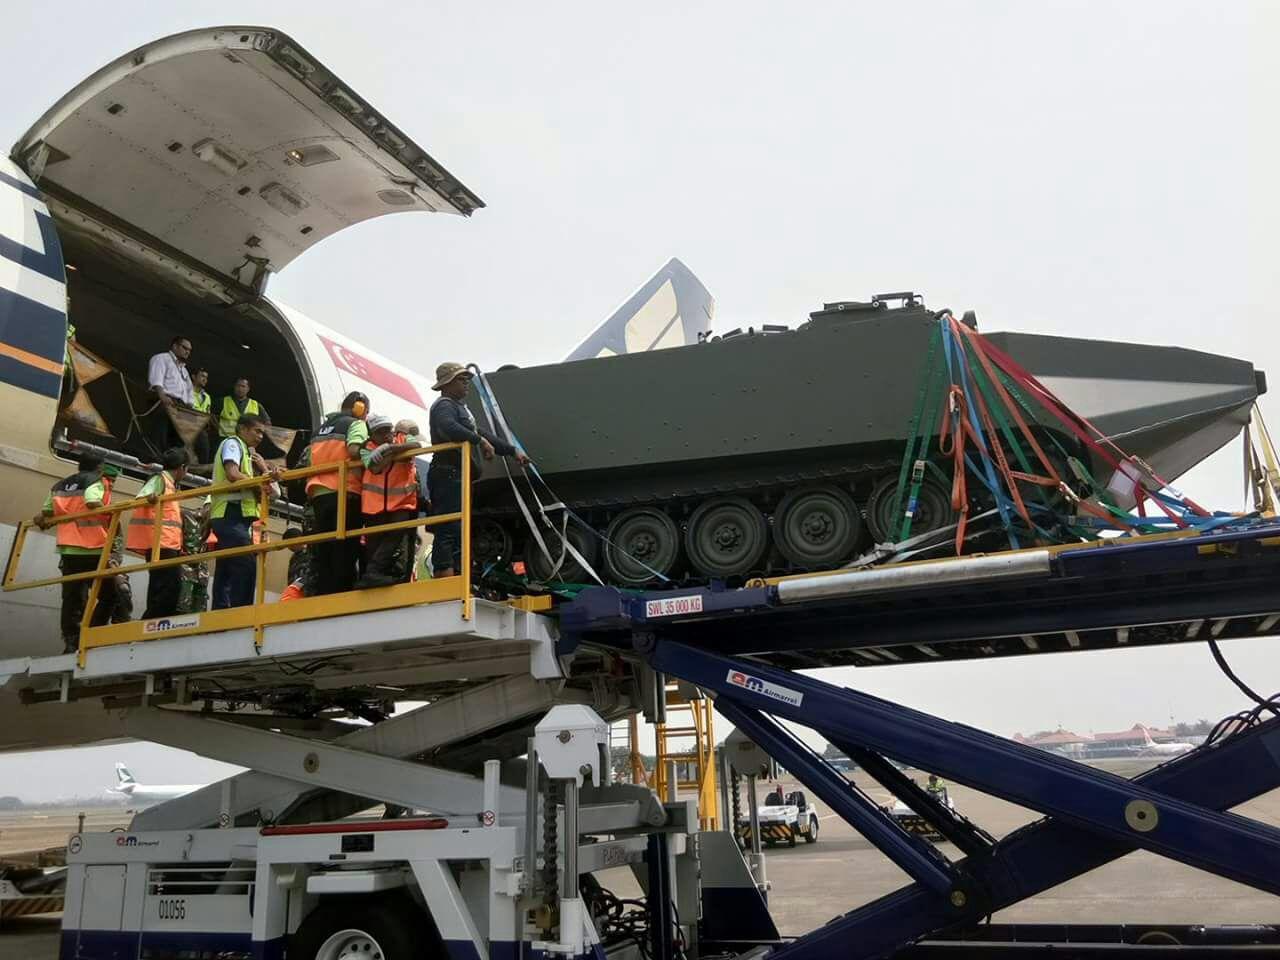 Выгрузка одного из пяти полученных индонезийской армией из Италии гусеничных амфибийных бронетранспортеров M113 Arisgator. На машине установлен только носовой поплавок. Джакарта, 02.09.2017.